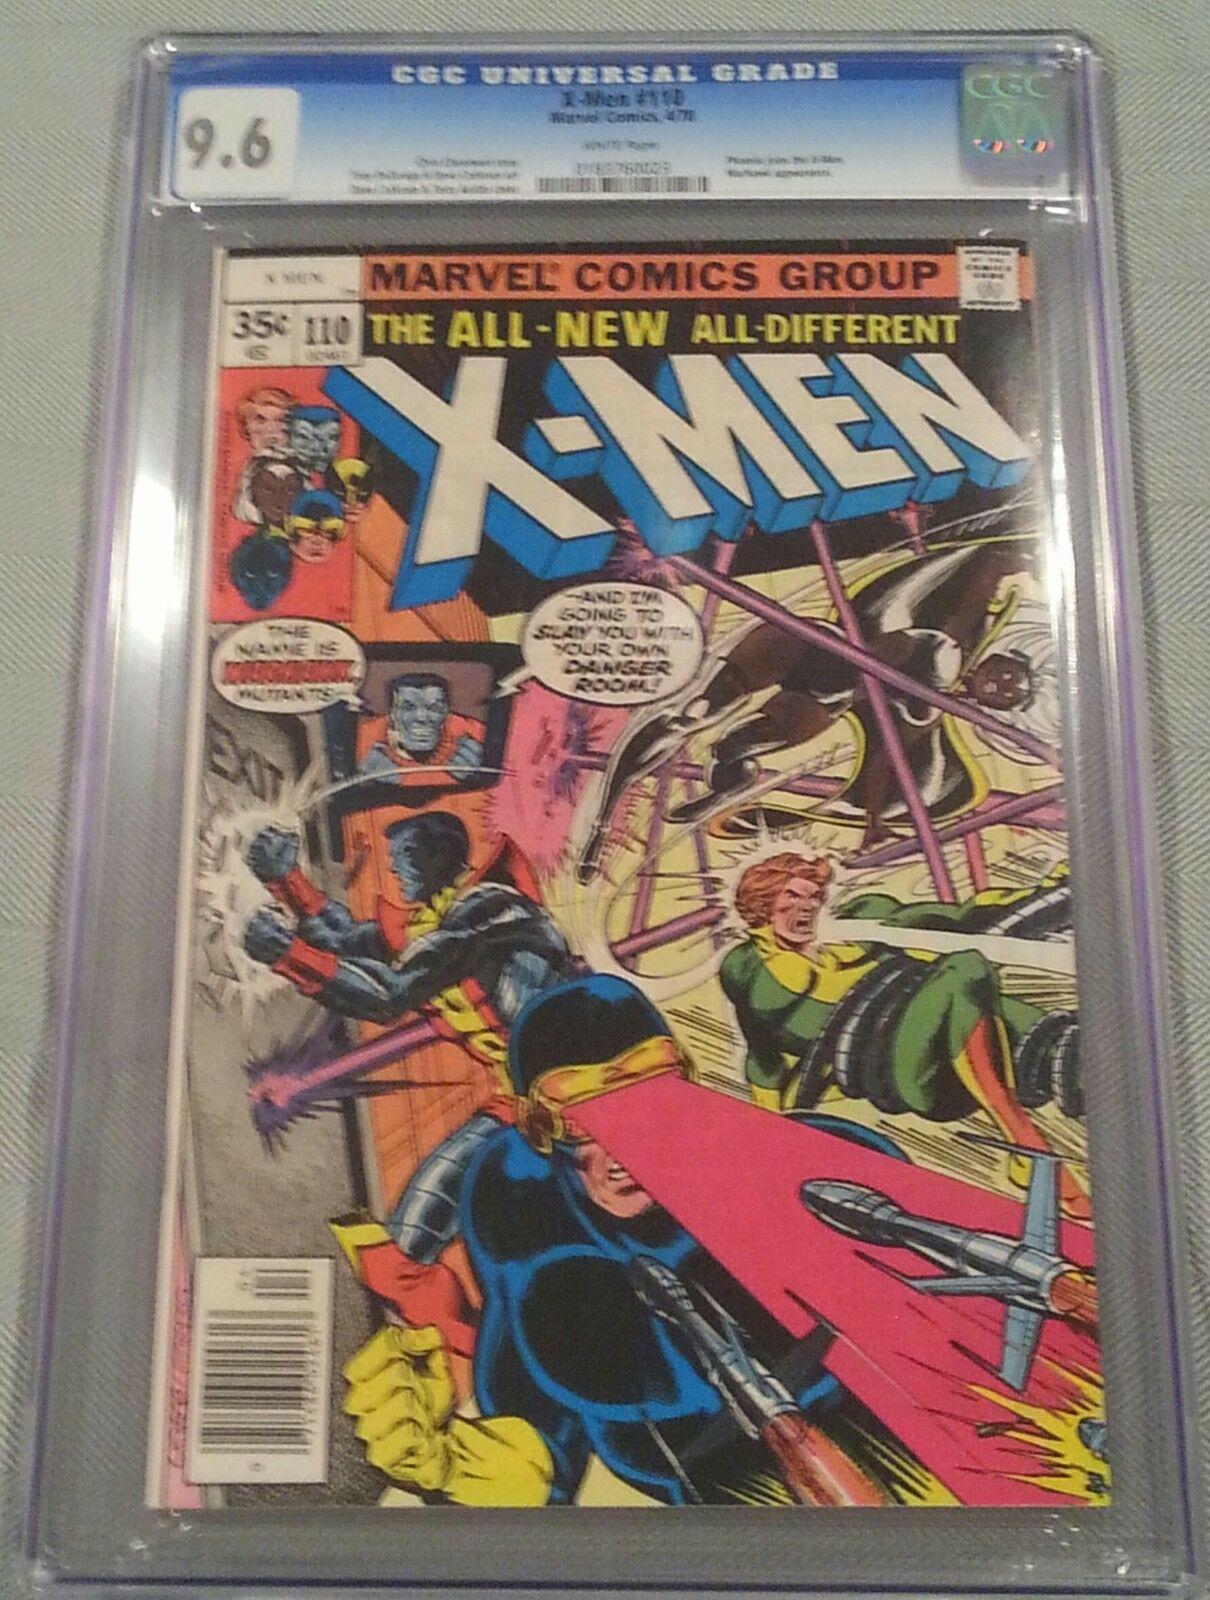 (Uncanny) X-Men #110 CGC 9.6 (NM+) WHITE Pages - Wolverine Phoenix Storm Cyclops